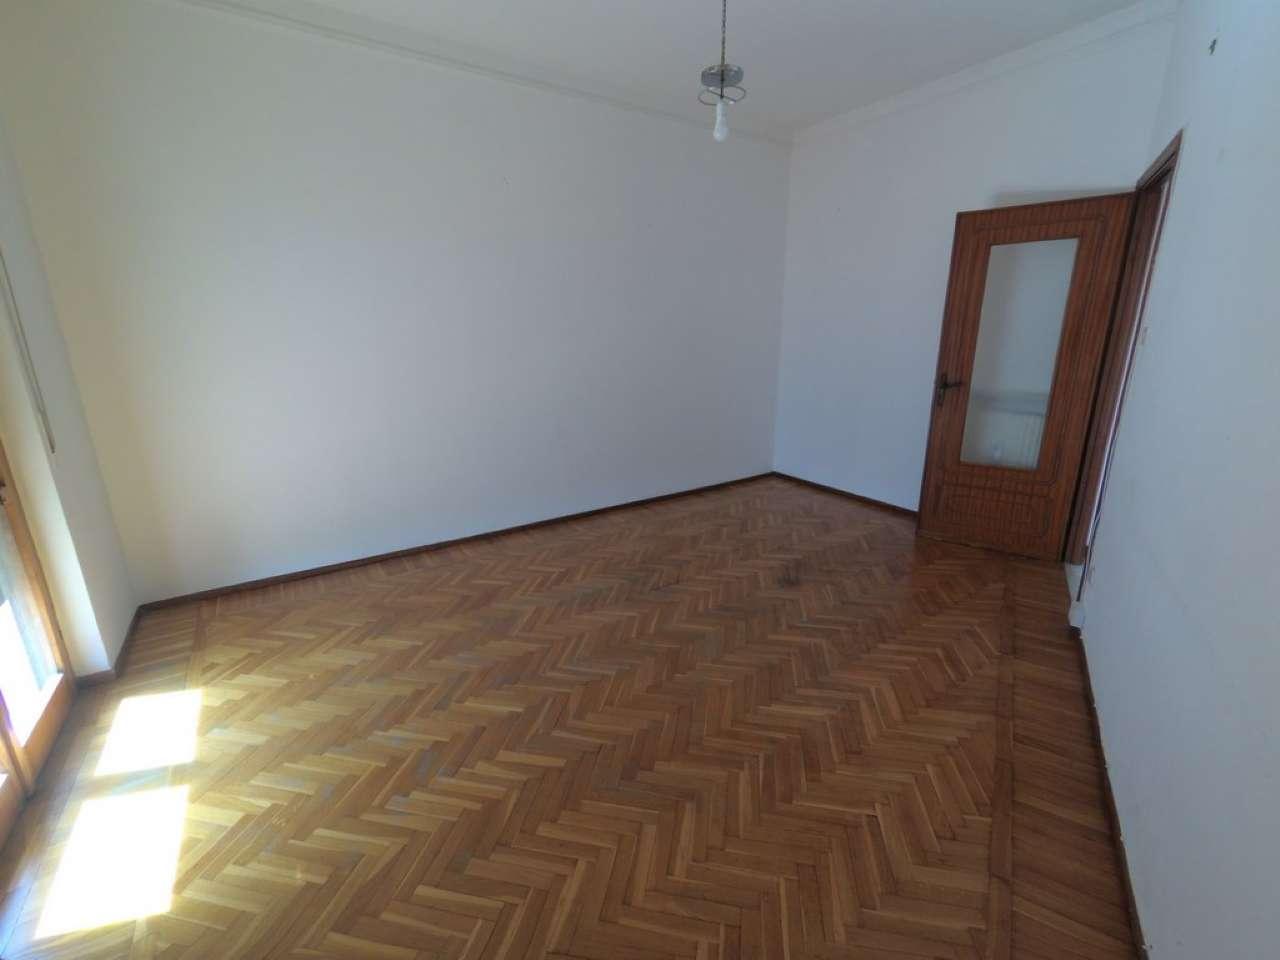 Appartamento in vendita a Campomorone, 3 locali, prezzo € 120.000   CambioCasa.it